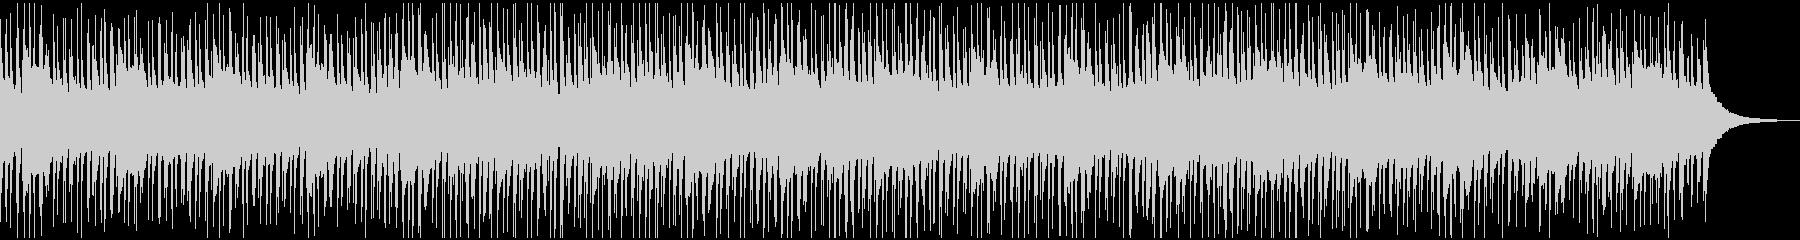 ほのぼの優しいウクレレBGMの未再生の波形